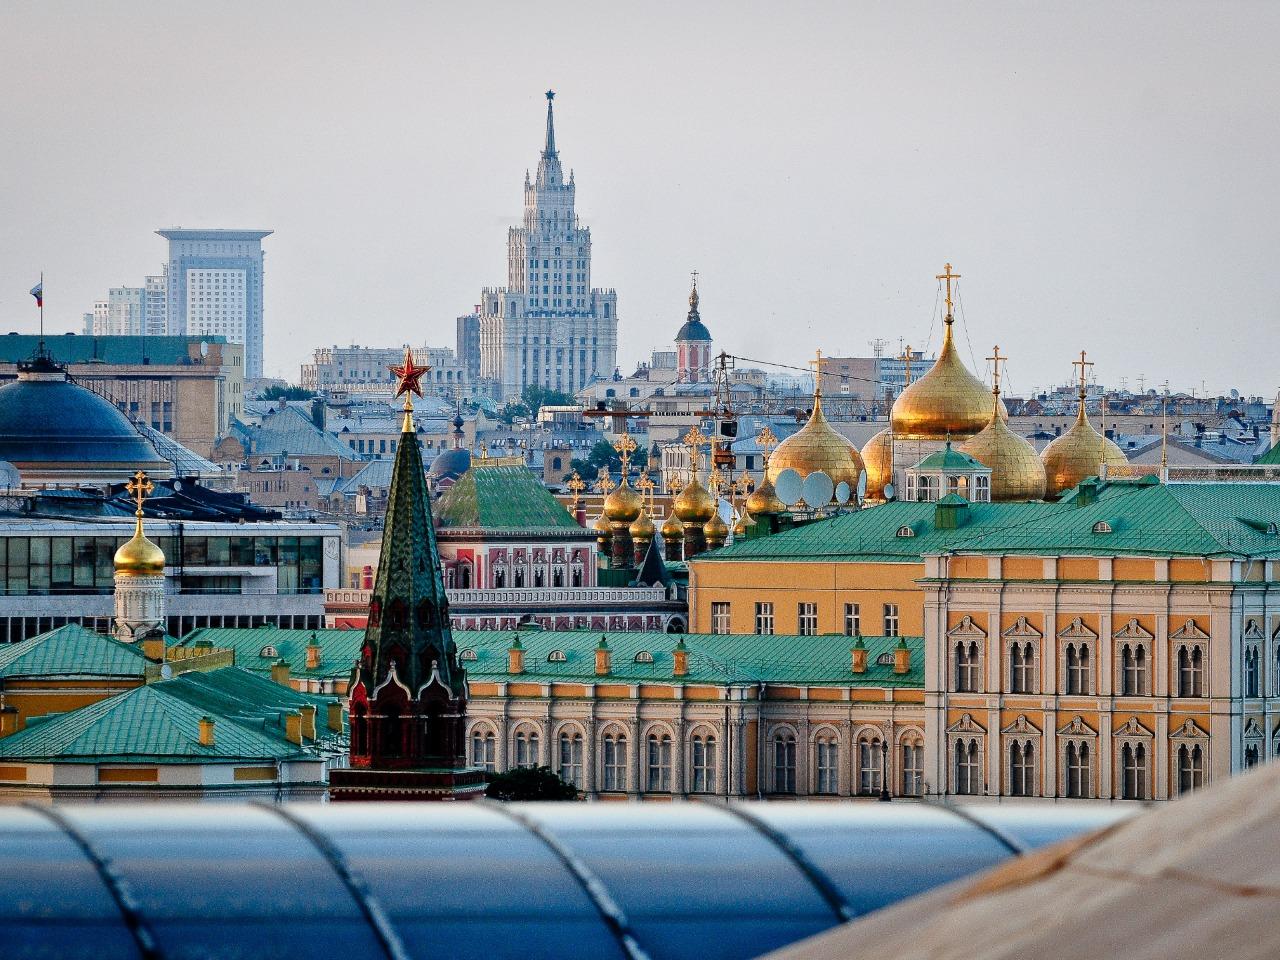 Громкие скандалы богемных улиц  - индивидуальная экскурсия по Москве от опытного гида